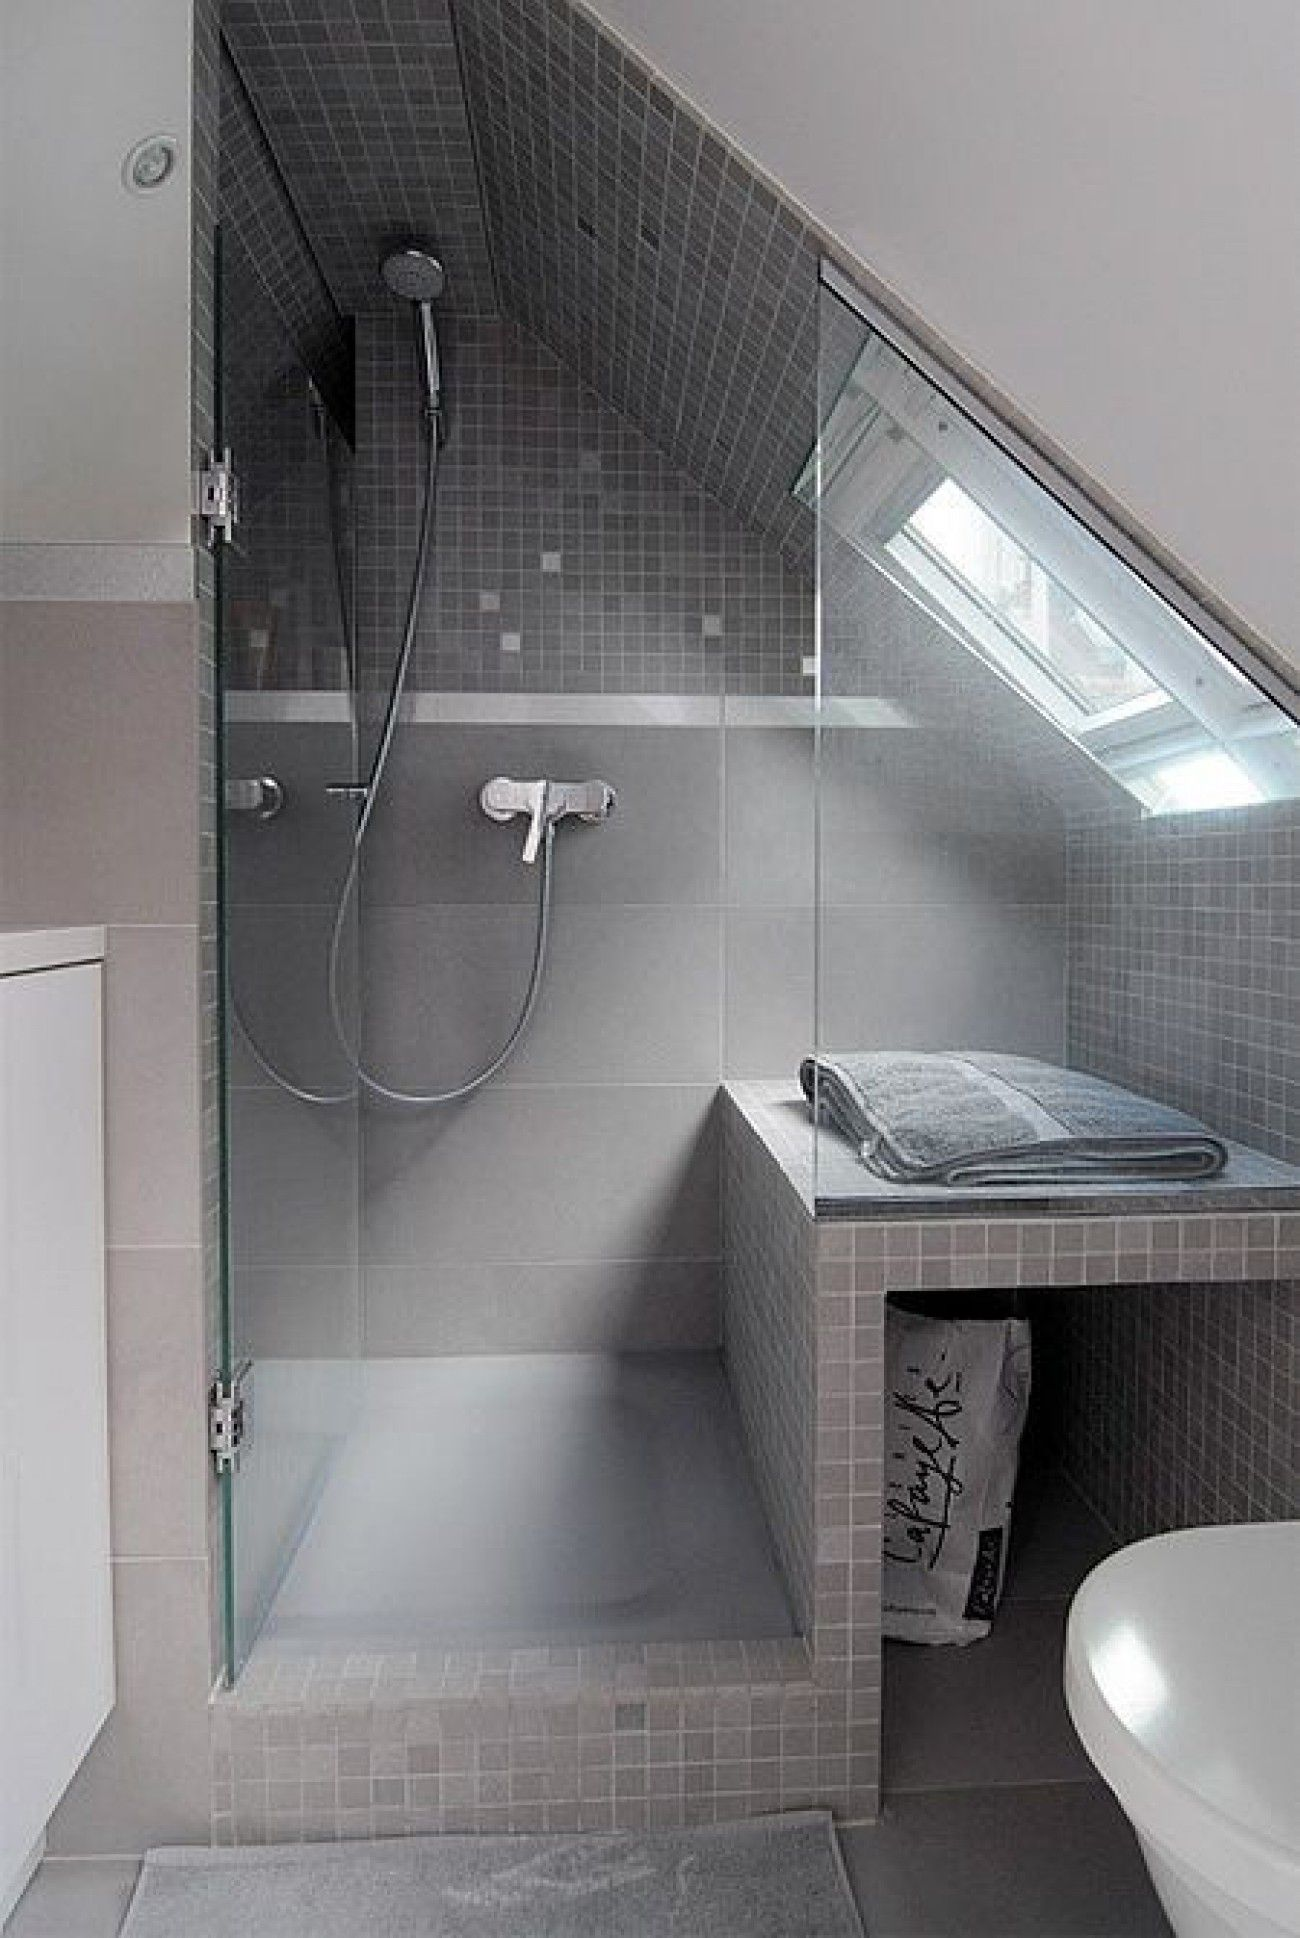 Klasse Einteilung Fur Ein Kleines Badezimmer Mit Dachschrage Badezimmer Dachschrage